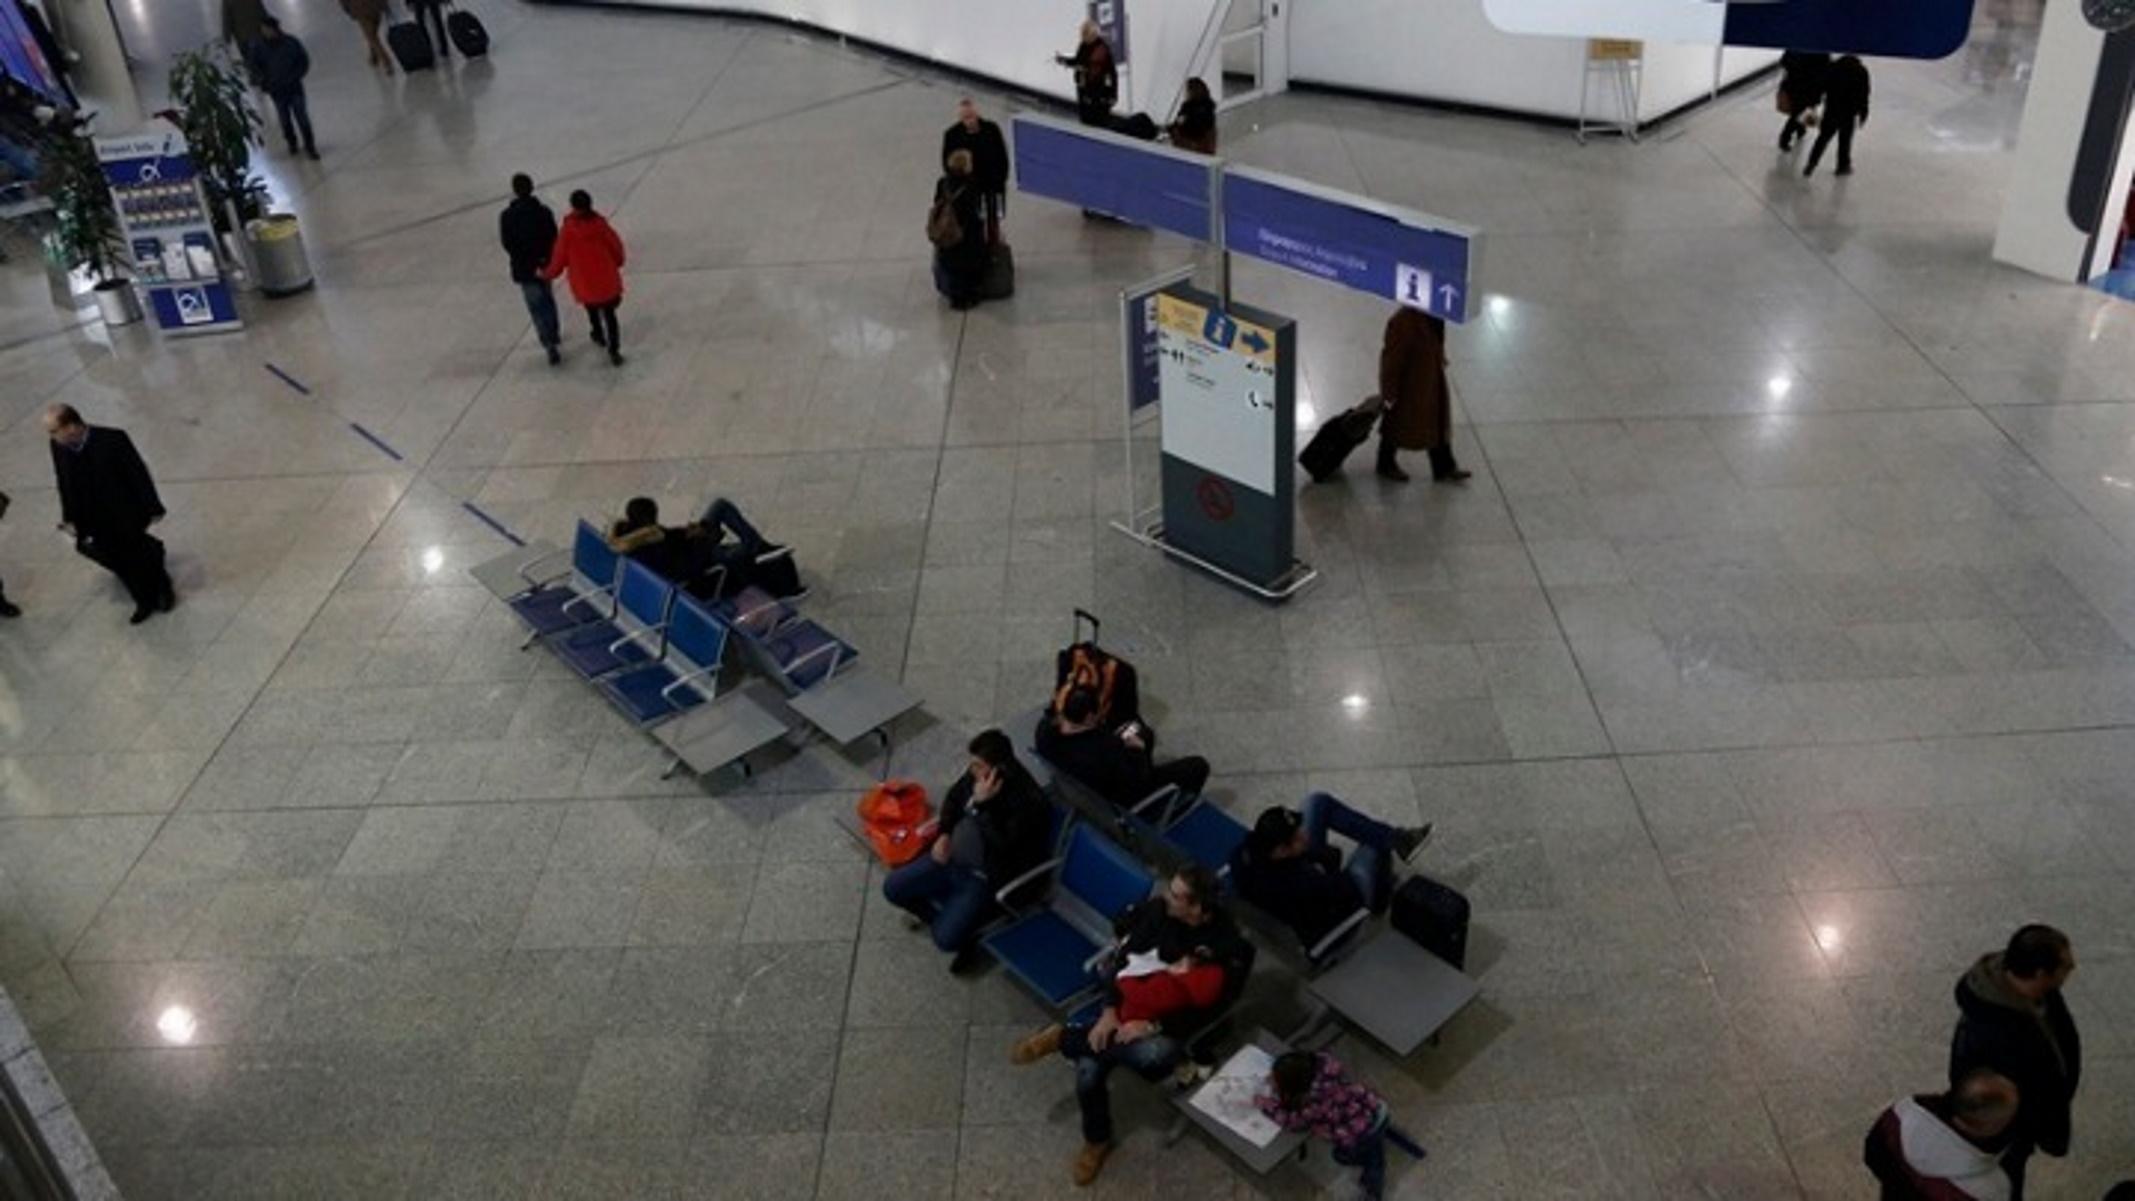 Κορονοϊός – Κρήτη: Κρούσματα σε υπαλλήλους του «Νίκος Καζαντζάκης» – Μαζικά rapid test στο αεροδρόμιο